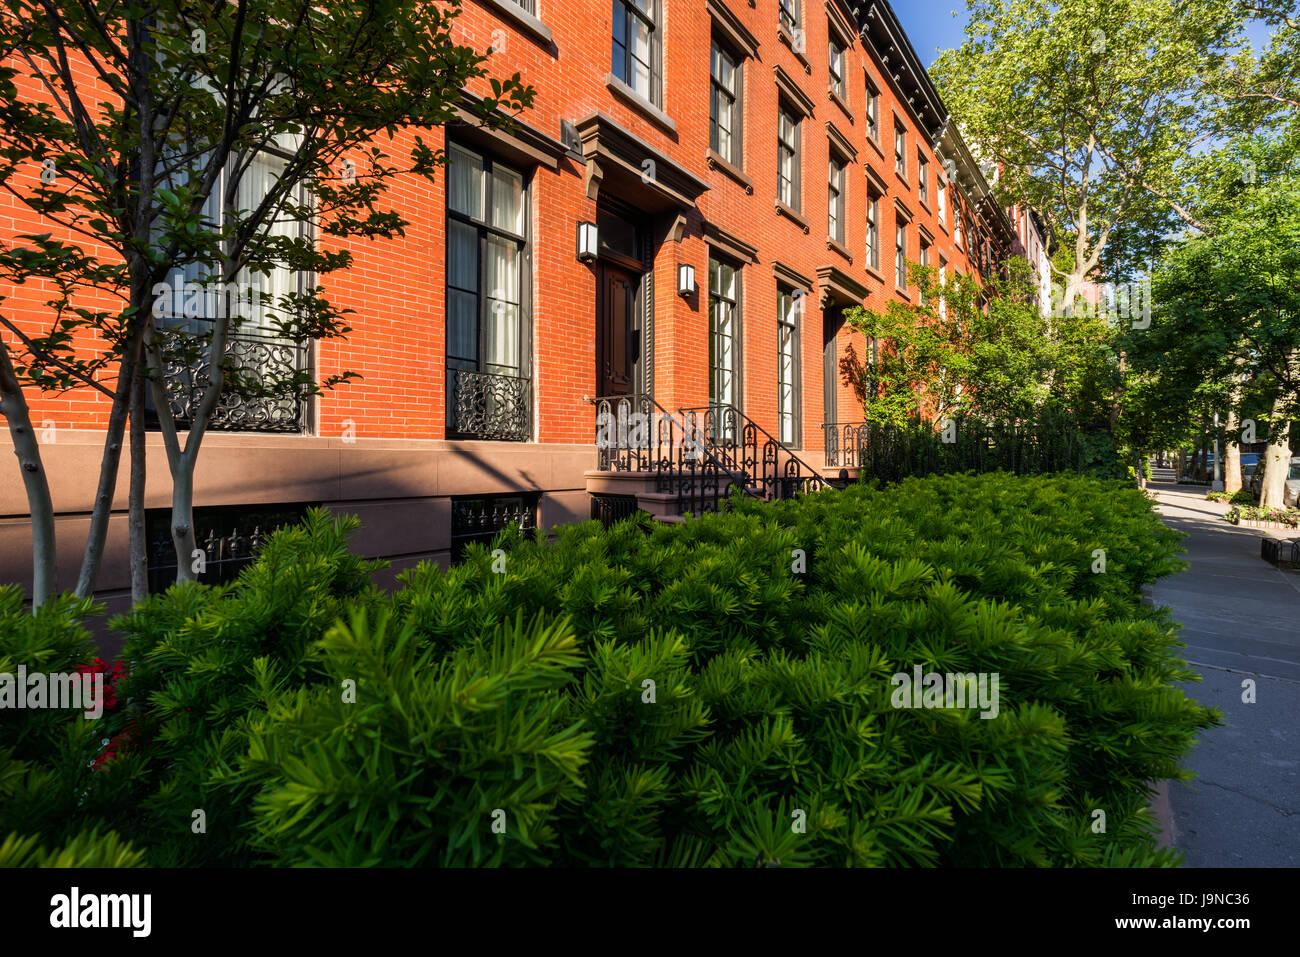 Xix secolo edifici con facciate in mattoni e ringhiere in ferro battuto. Estate in Chelsea. Manhattan, New York Immagini Stock